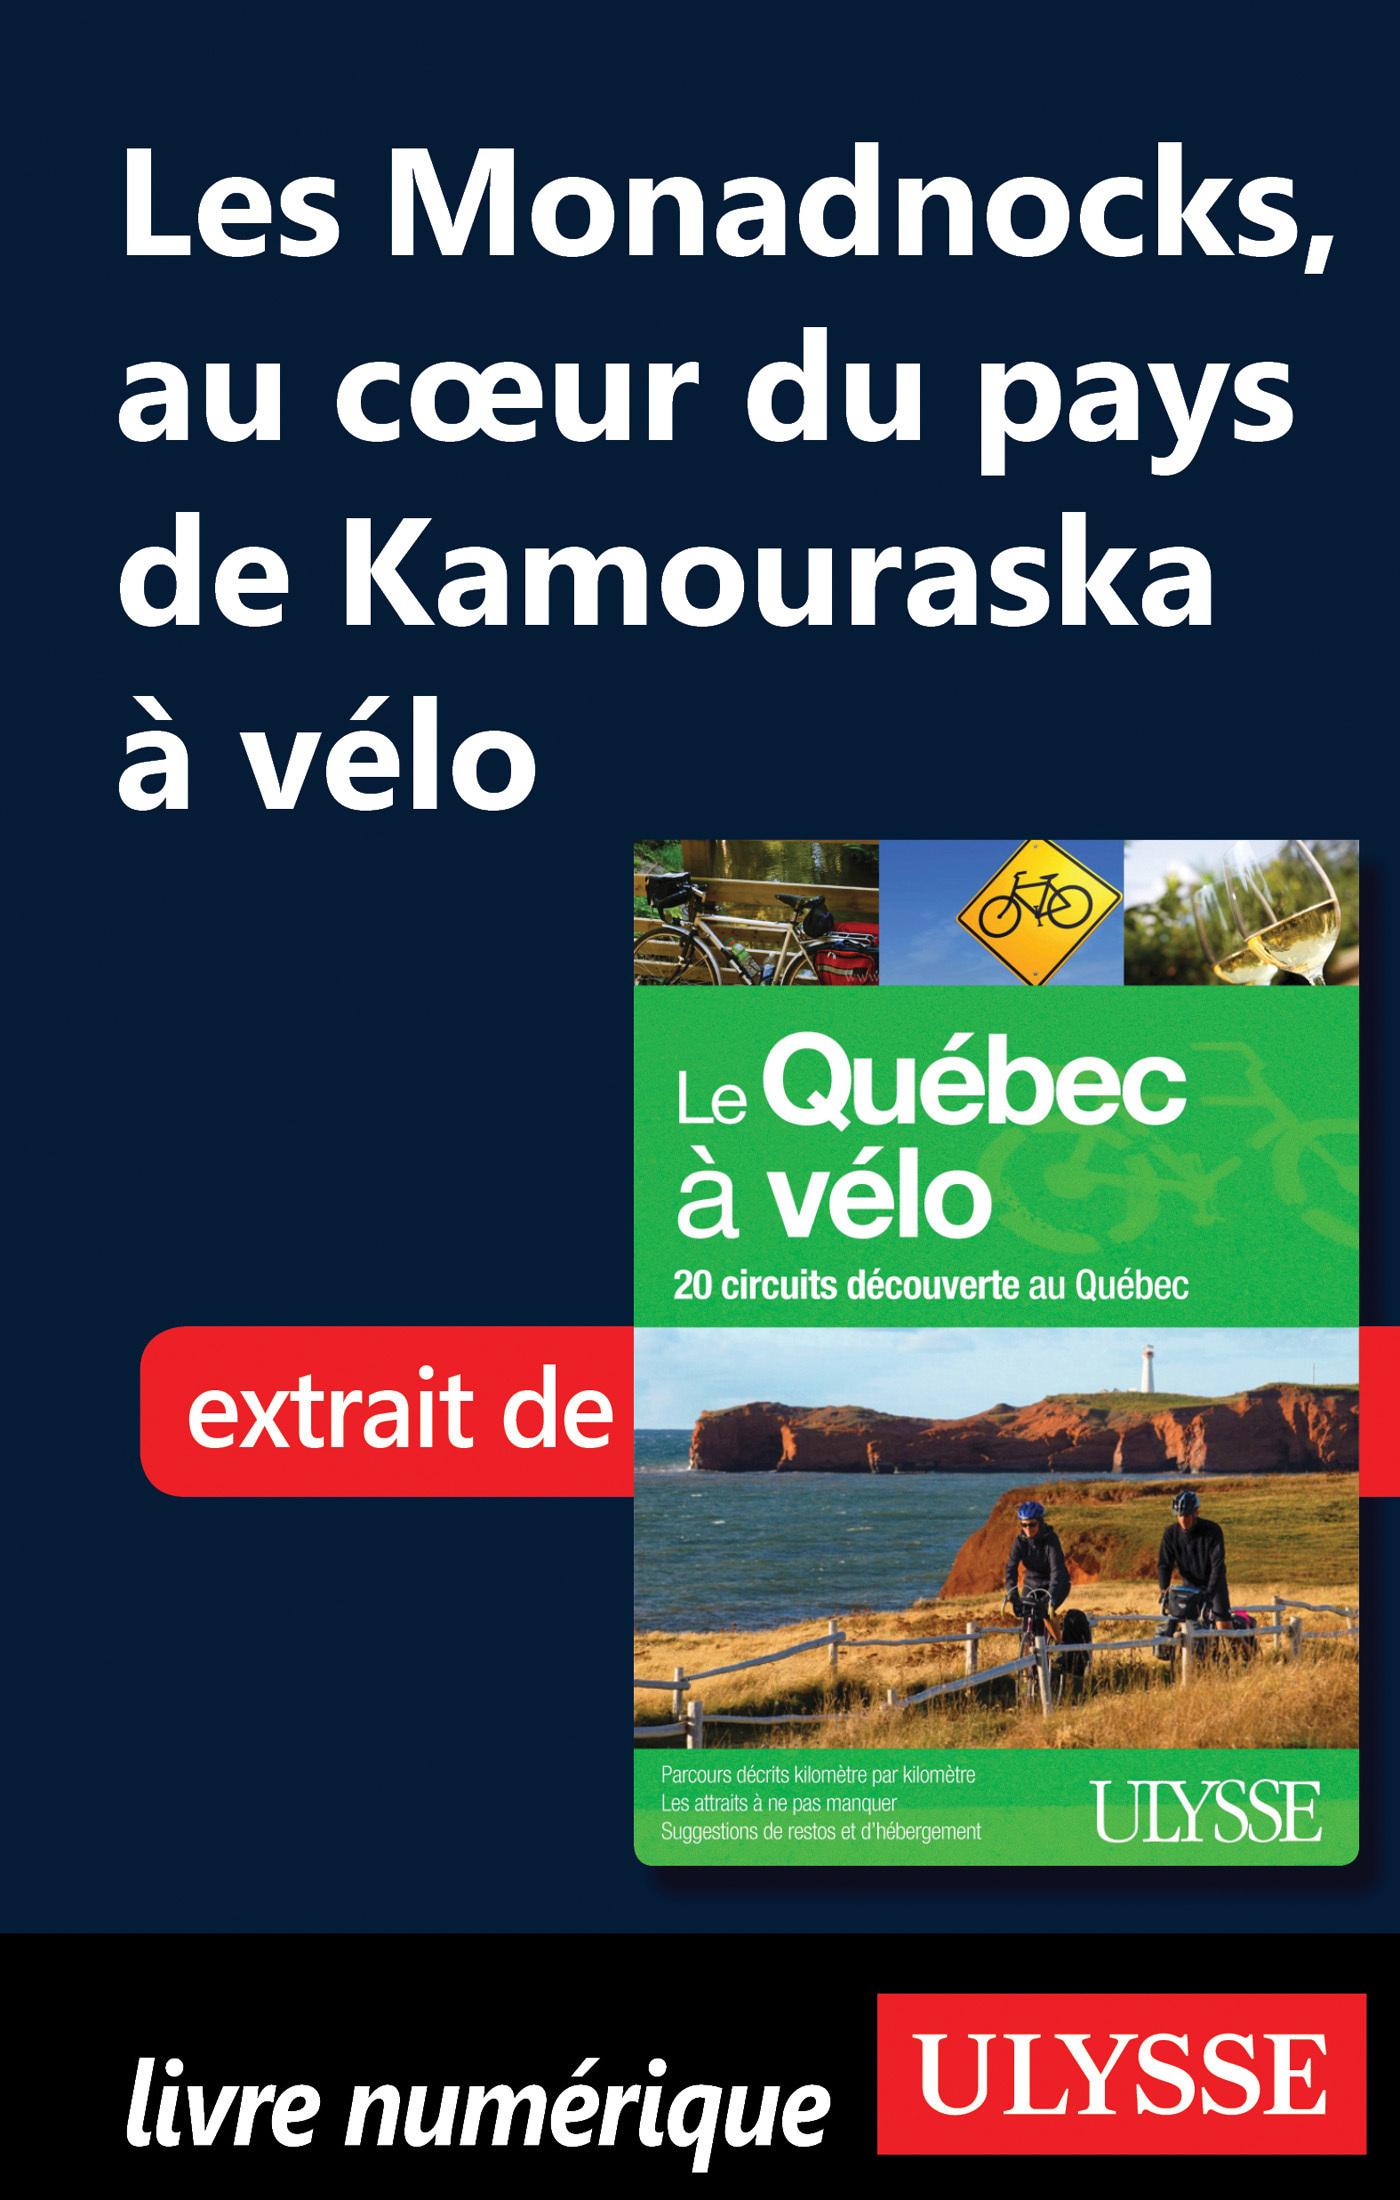 Au coeur du pays de Kamouraska à vélo